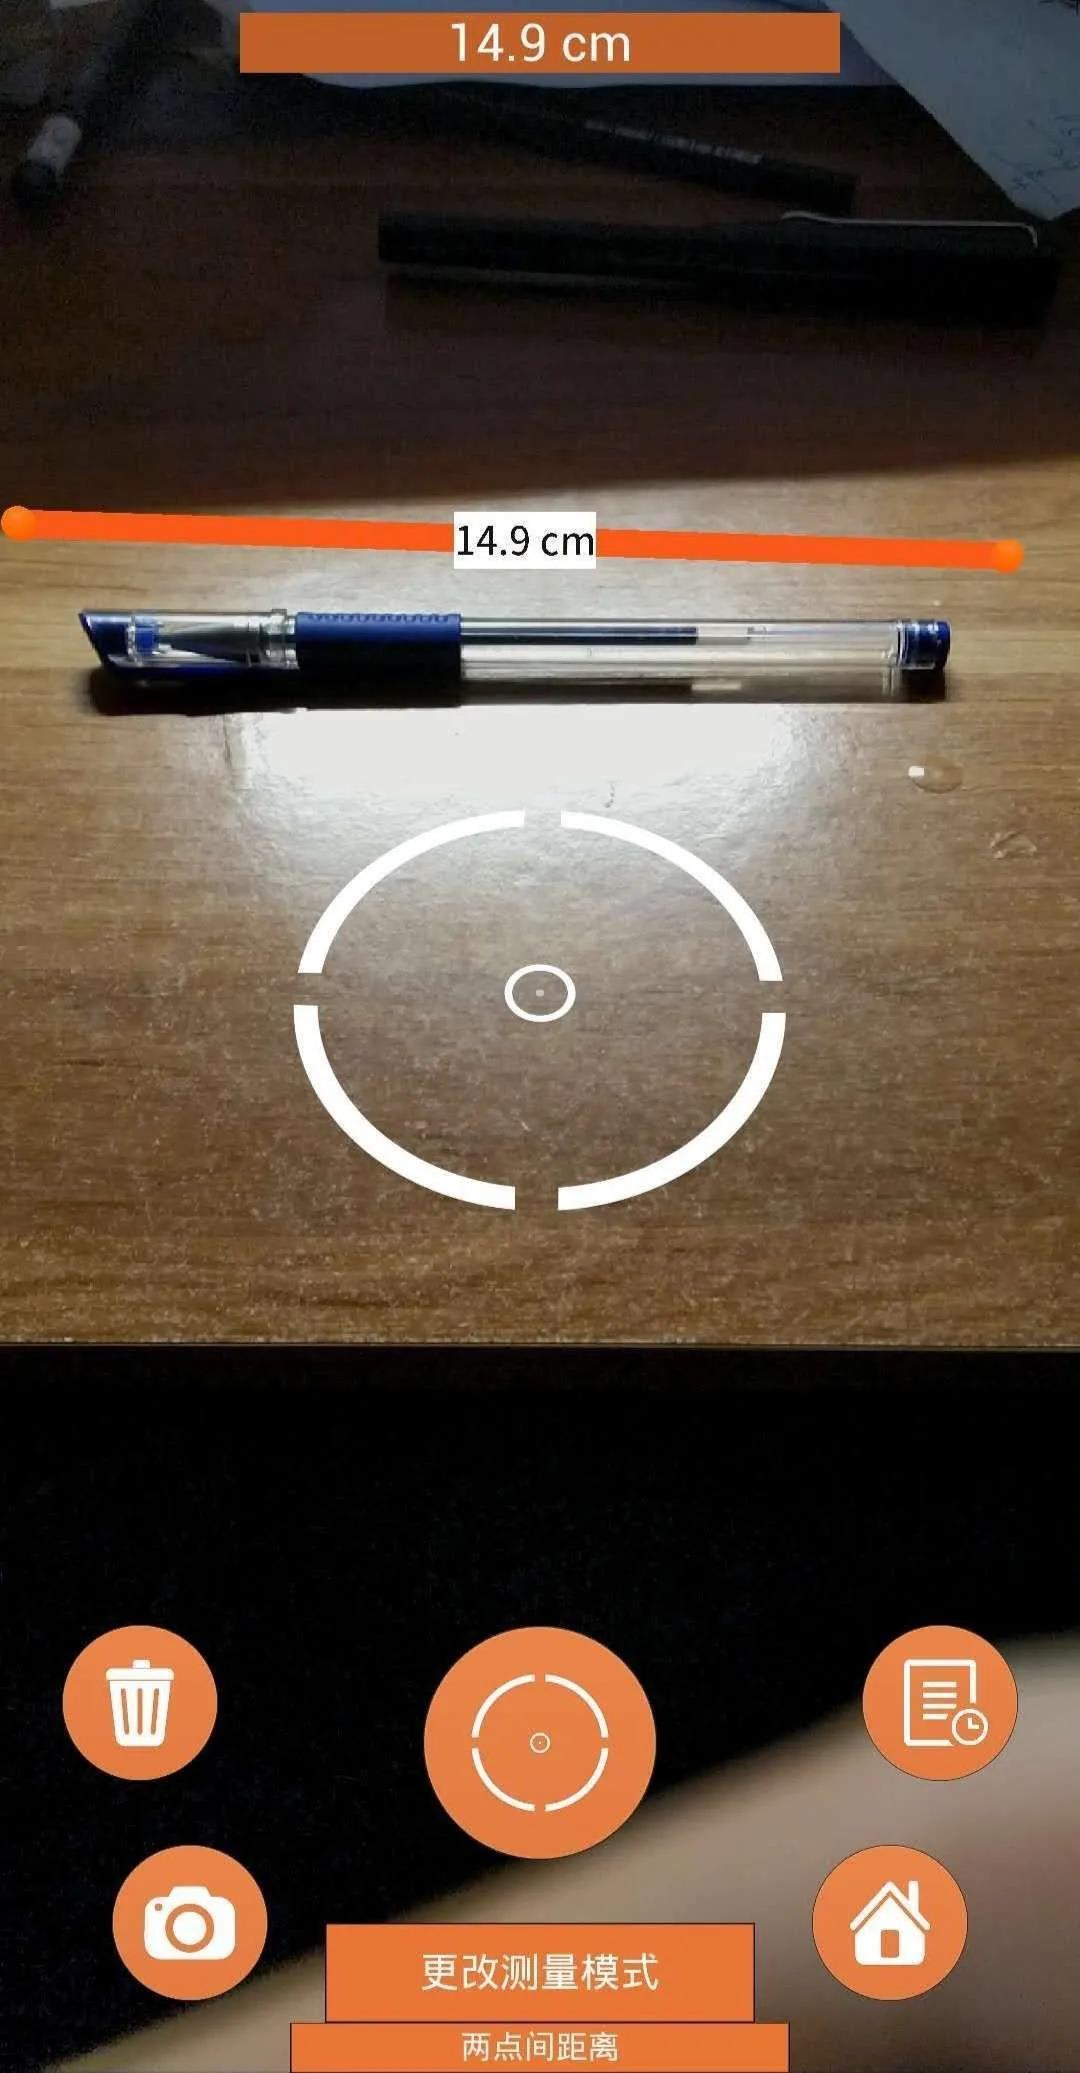 5fa4bca11cd1bbb86b914271 测量数据非常准确--AR 测距